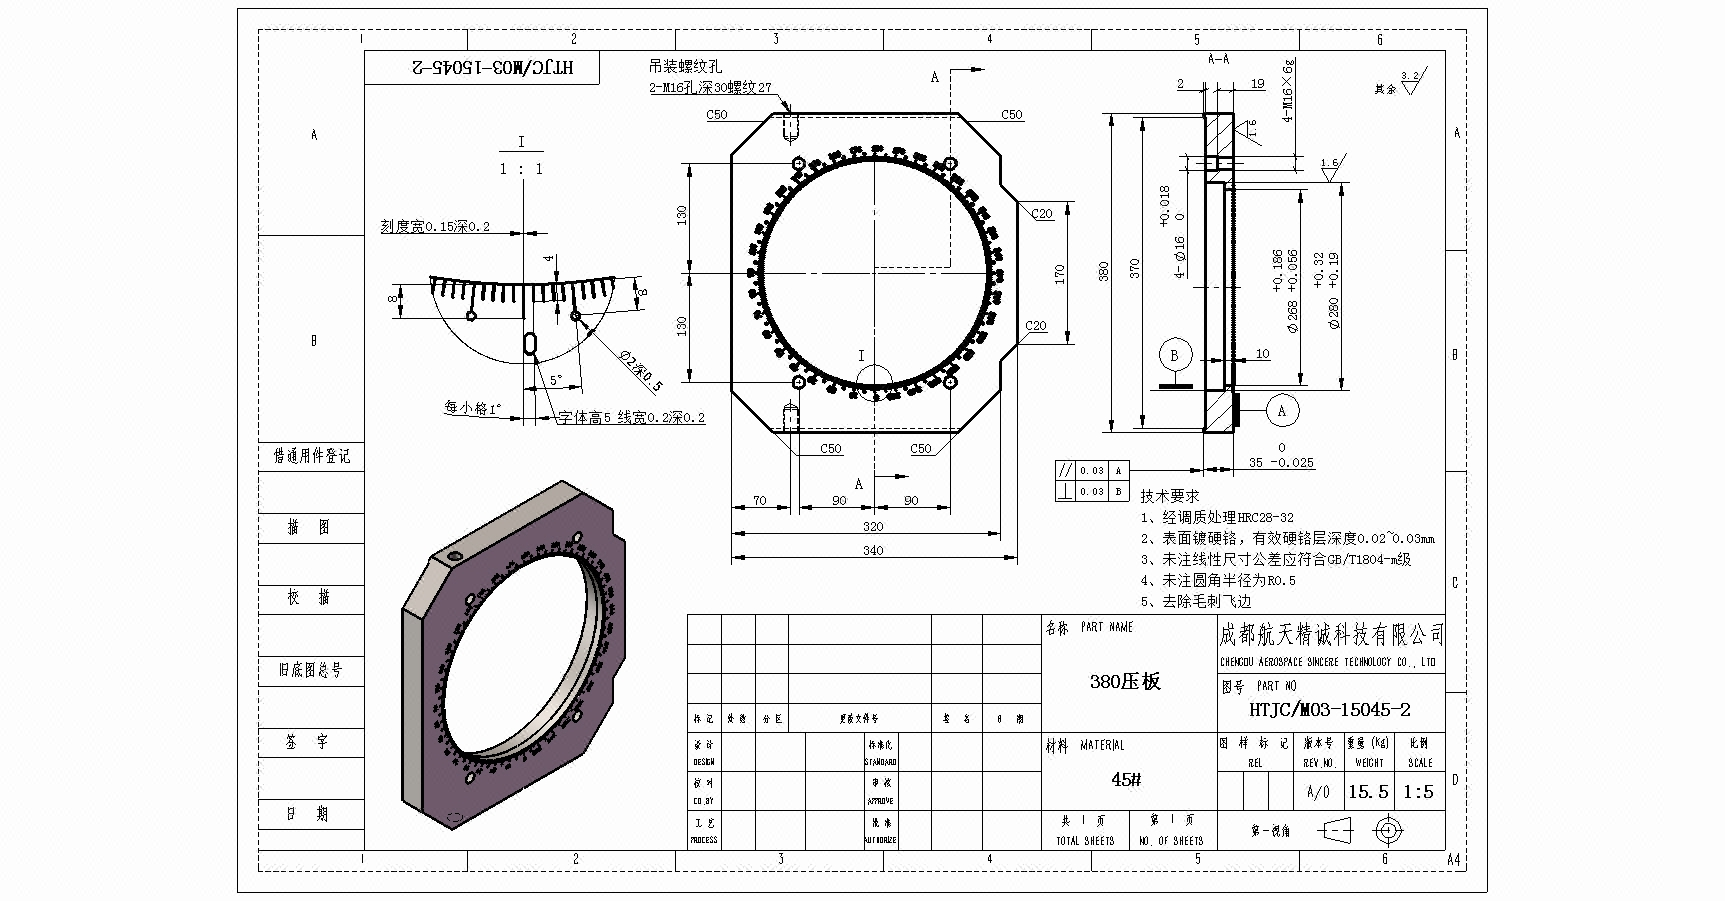 【机械制图】机械加工出图机械制图机械绘图CAD绘图绘平面图纸